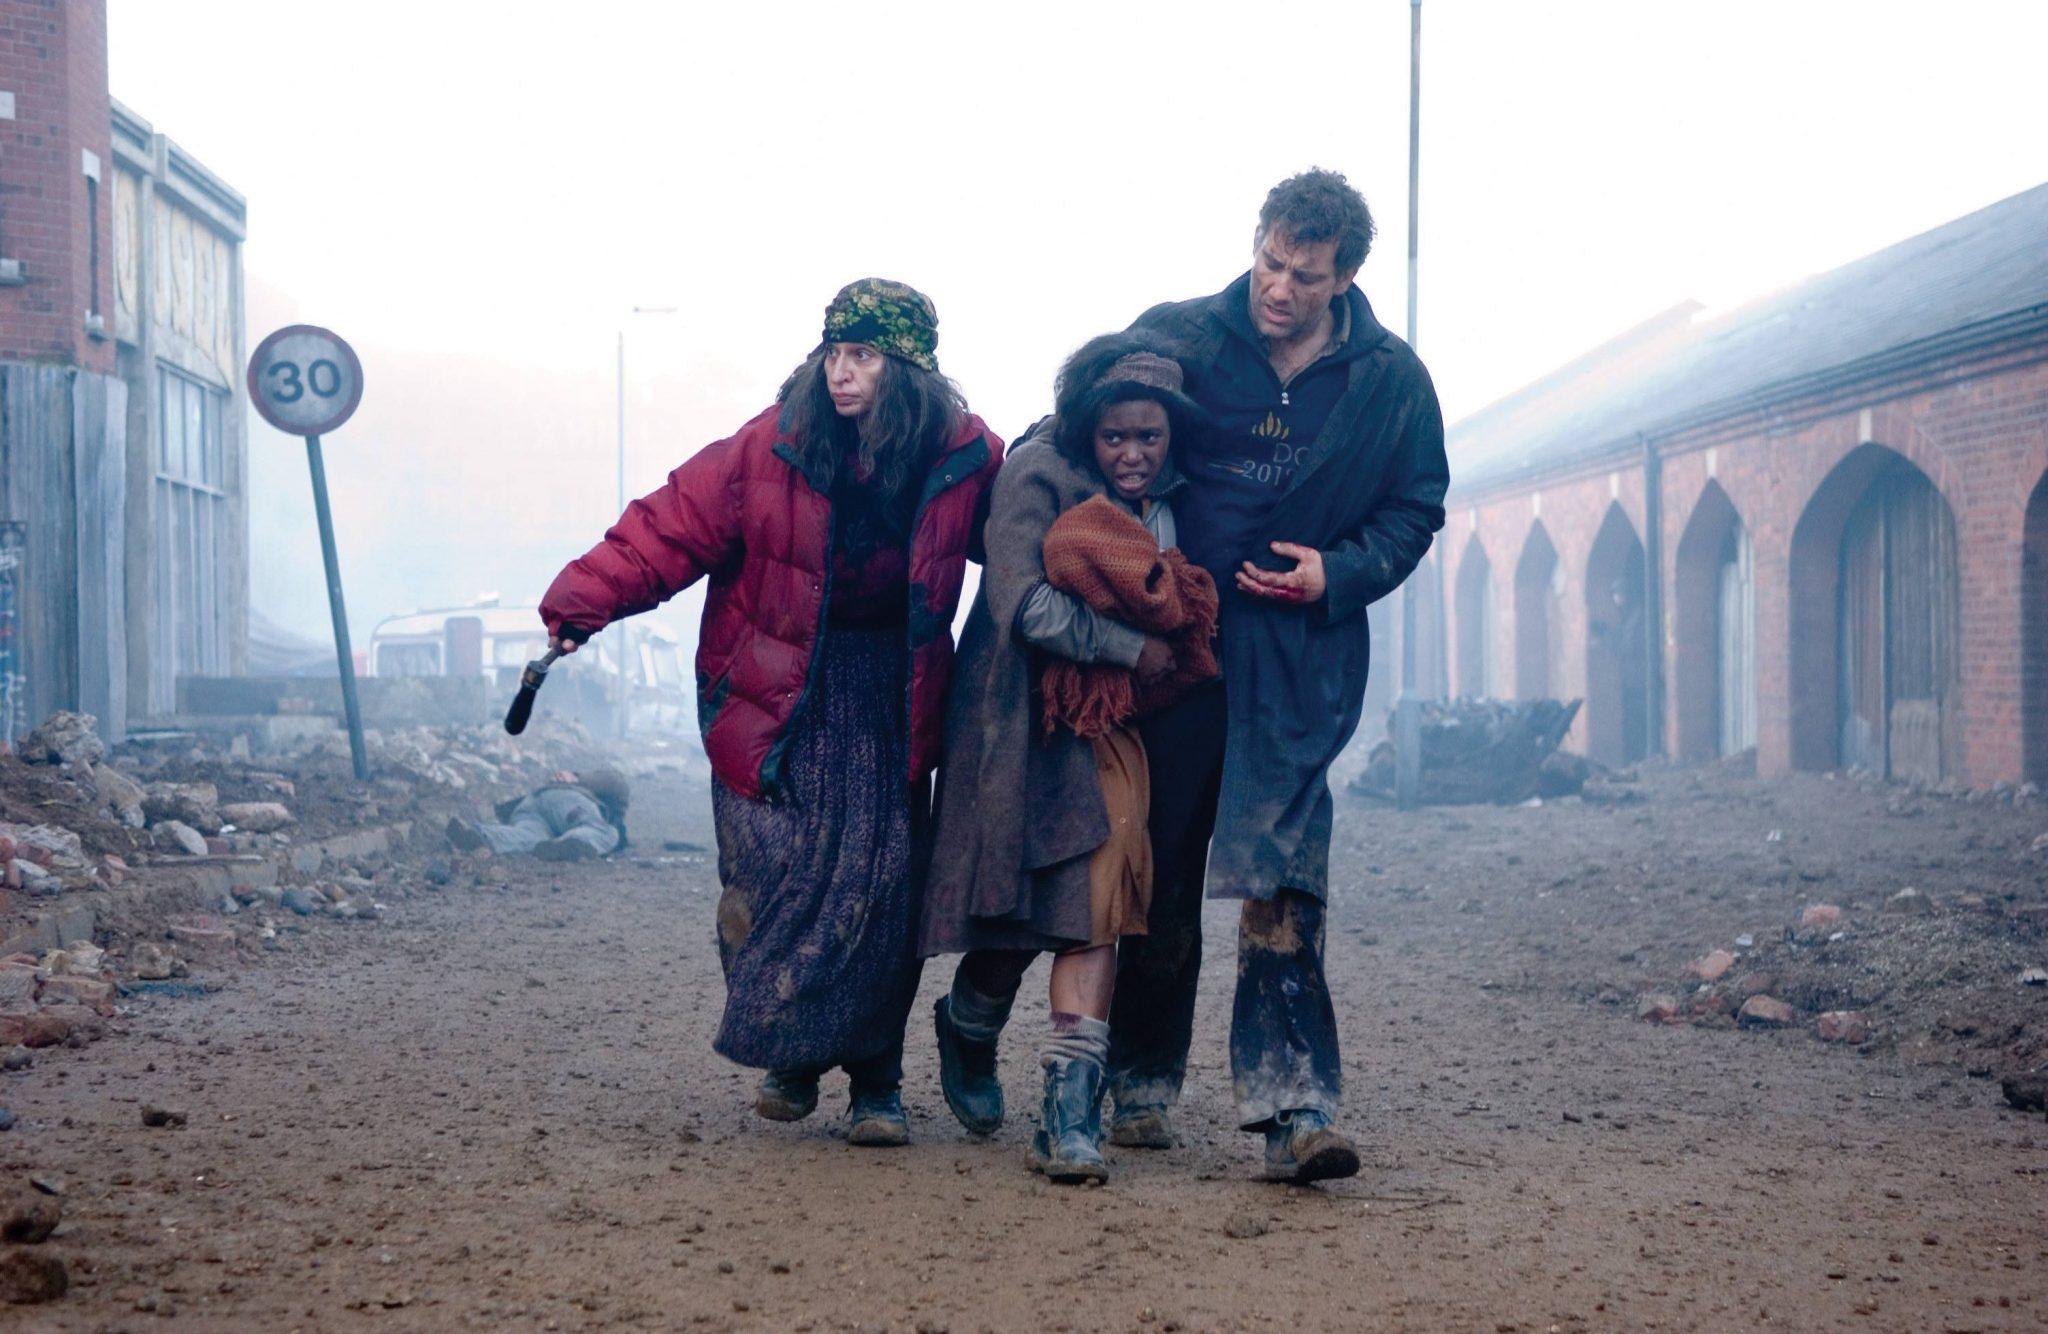 Theo versucht, die junge Kee aus dem Land zu schmuggeln. Quelle: DVD/BD Children of Men, ©Universal Pictures